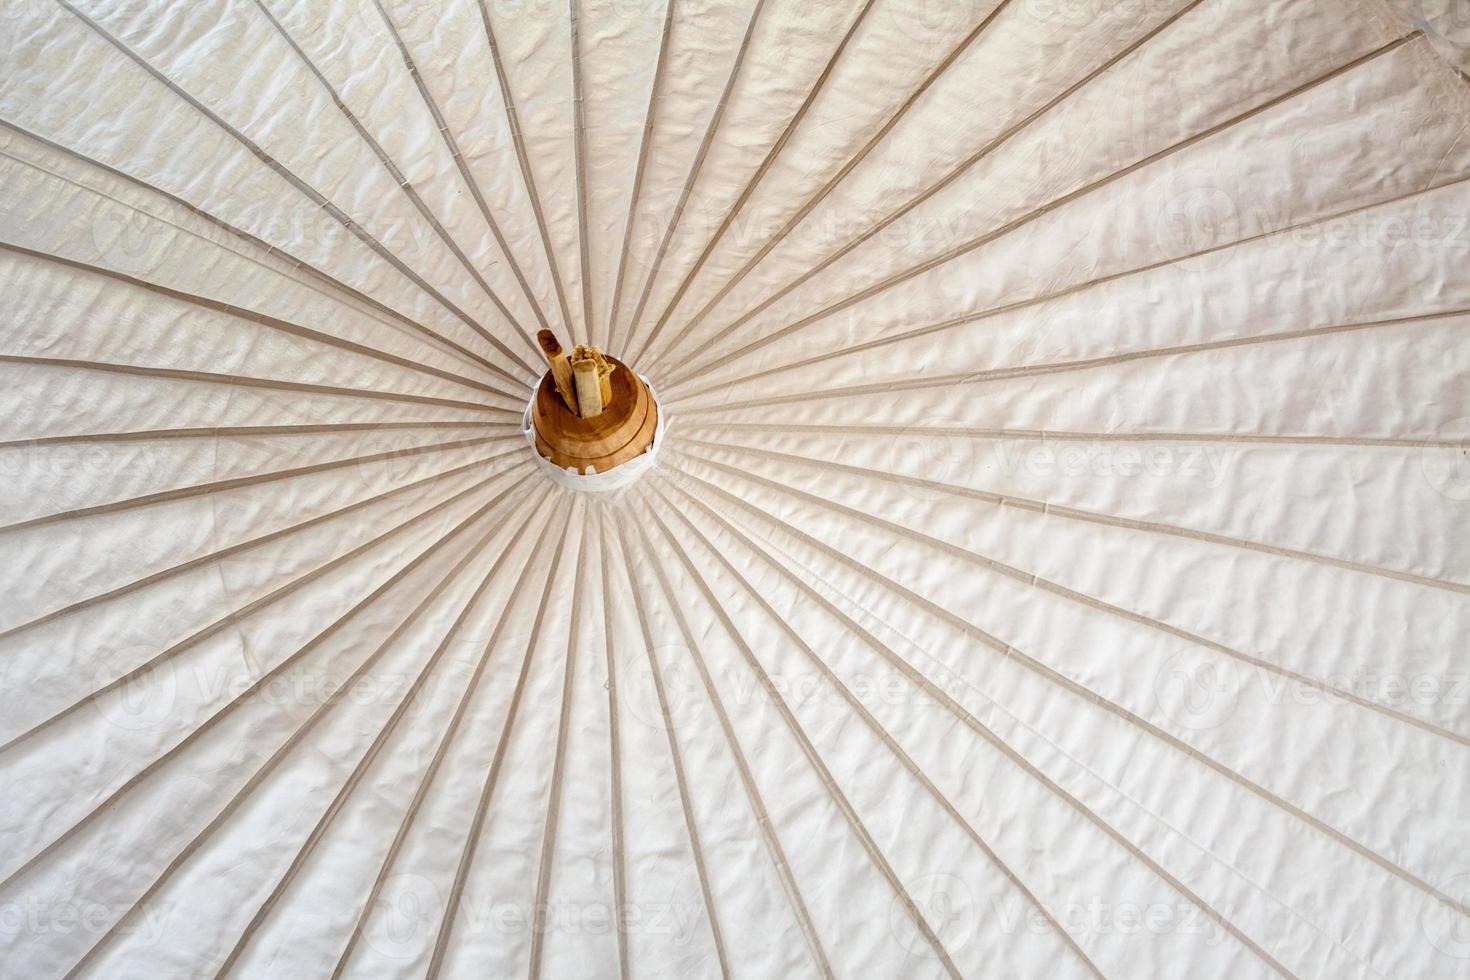 Regenschirm aus Papier / Stoff Kunsthandwerk foto